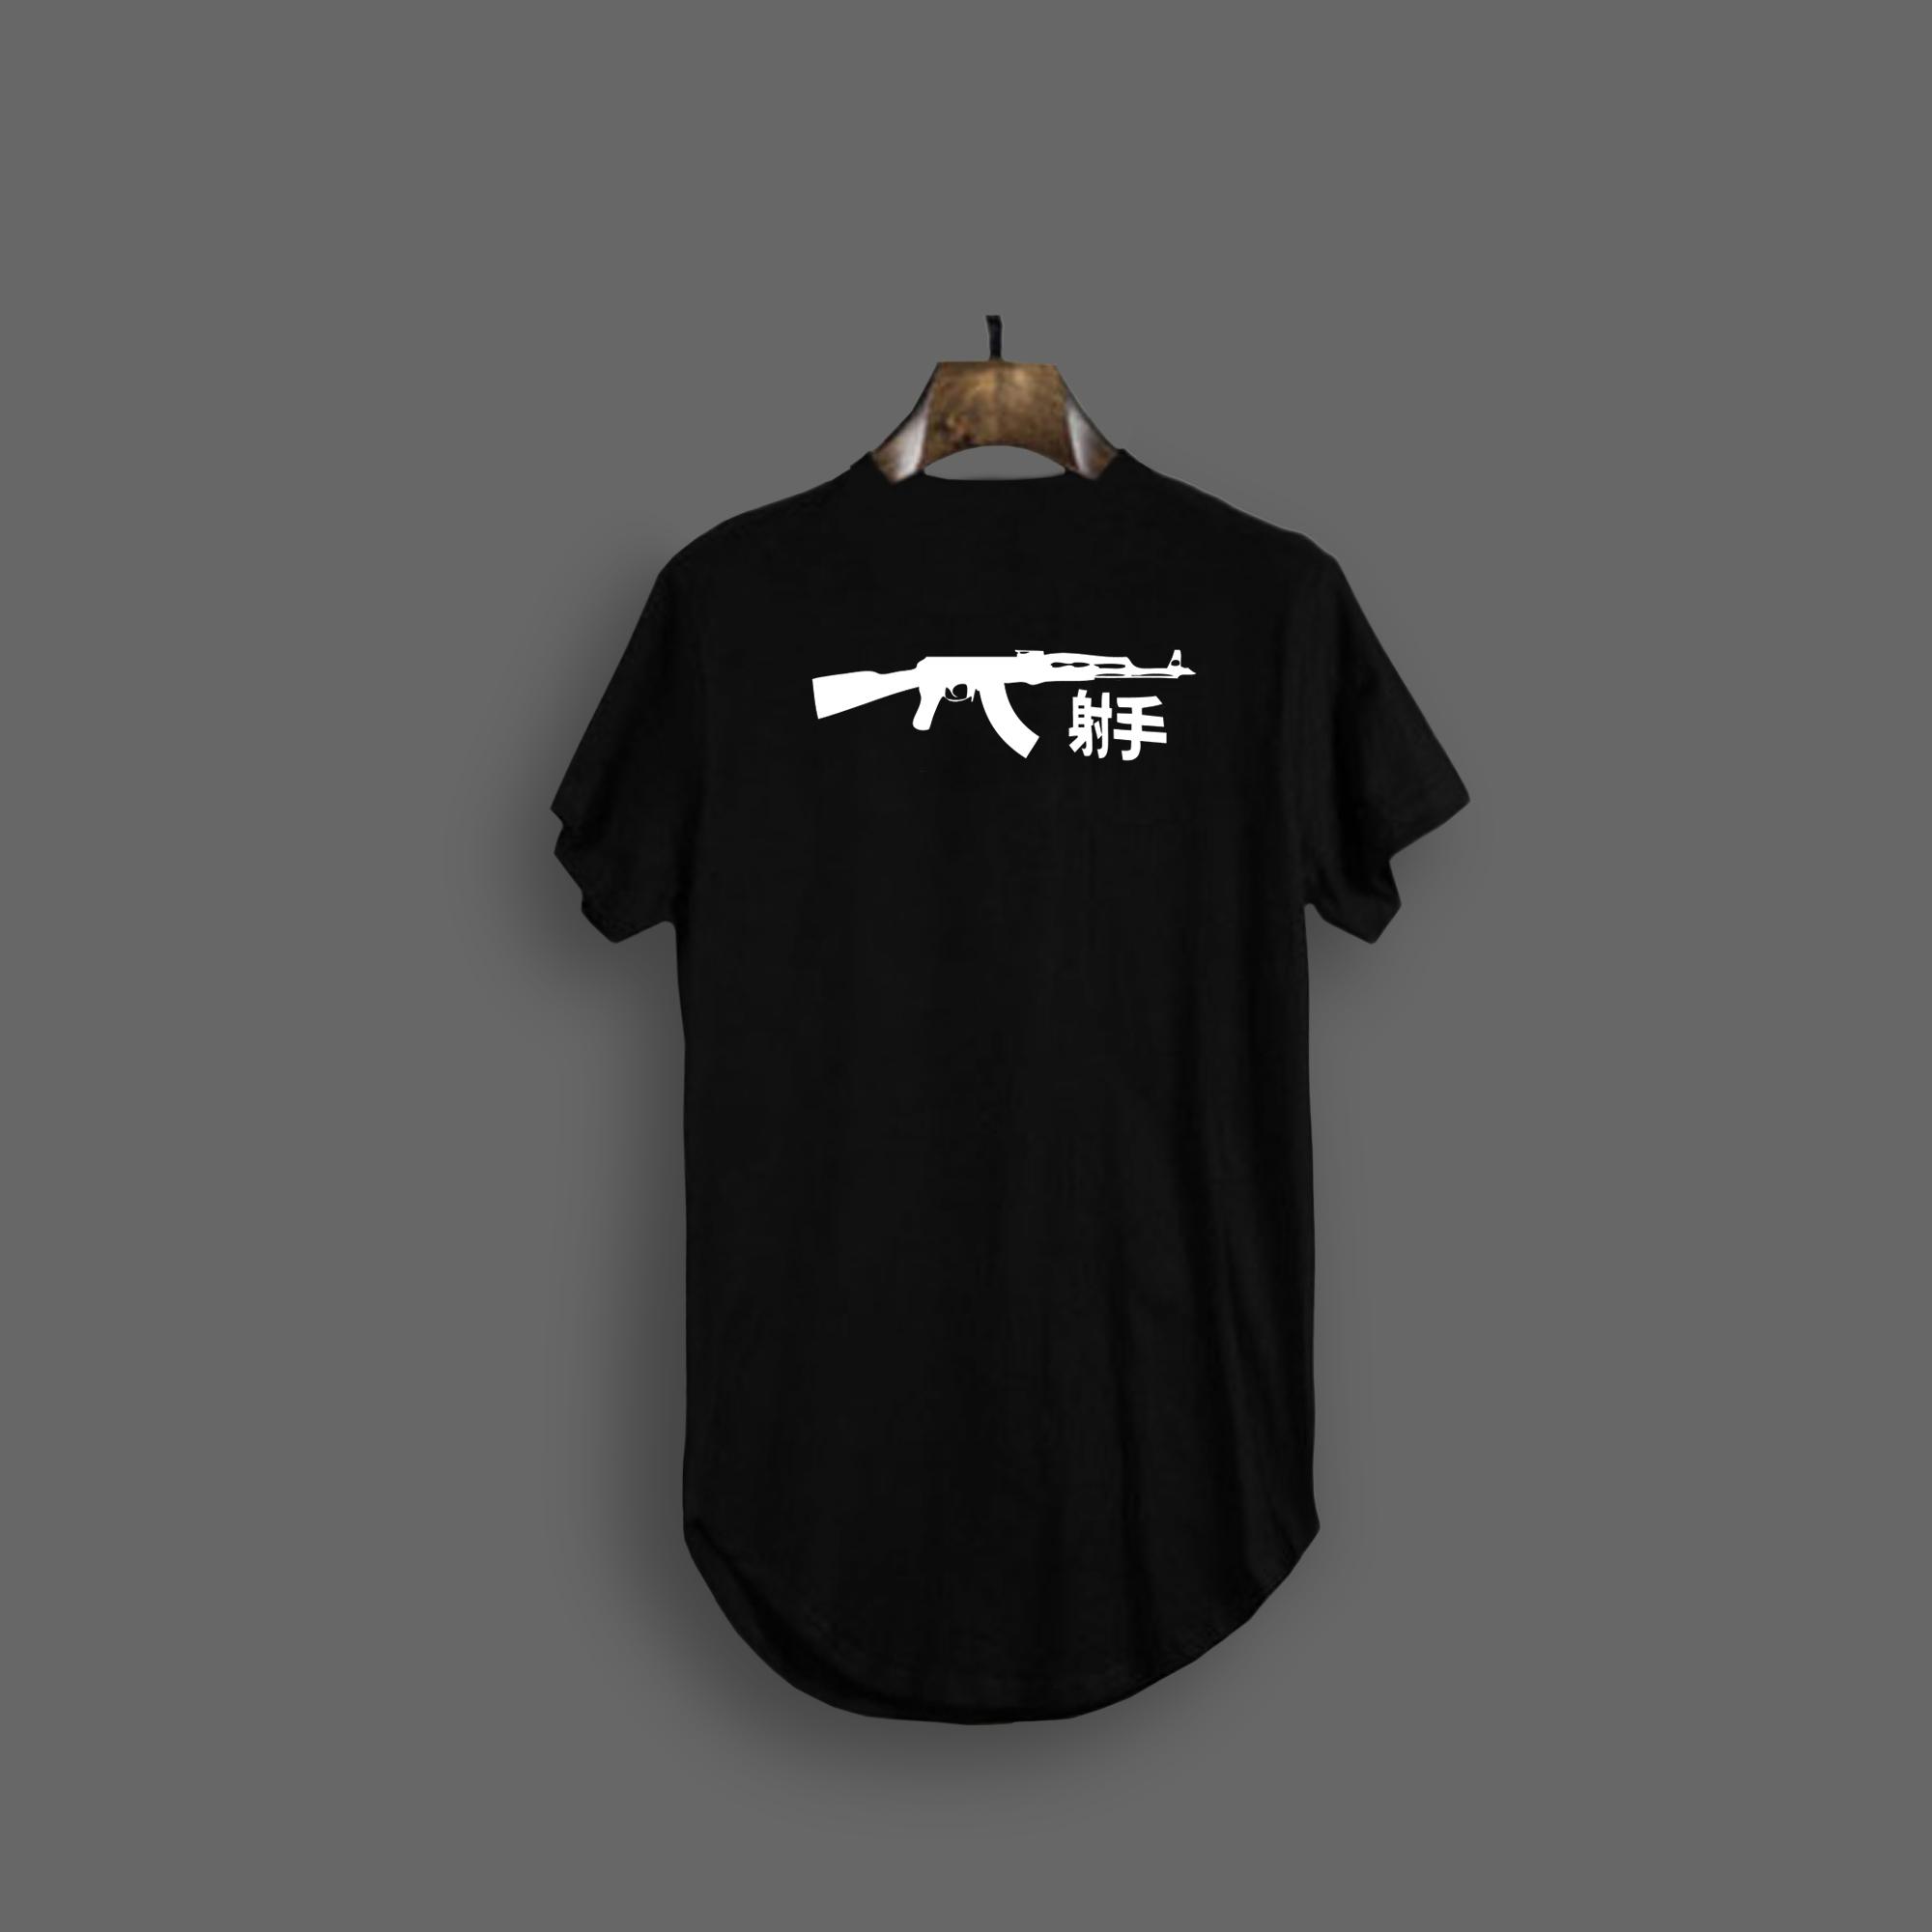 AK47 T-SHIRT - Black